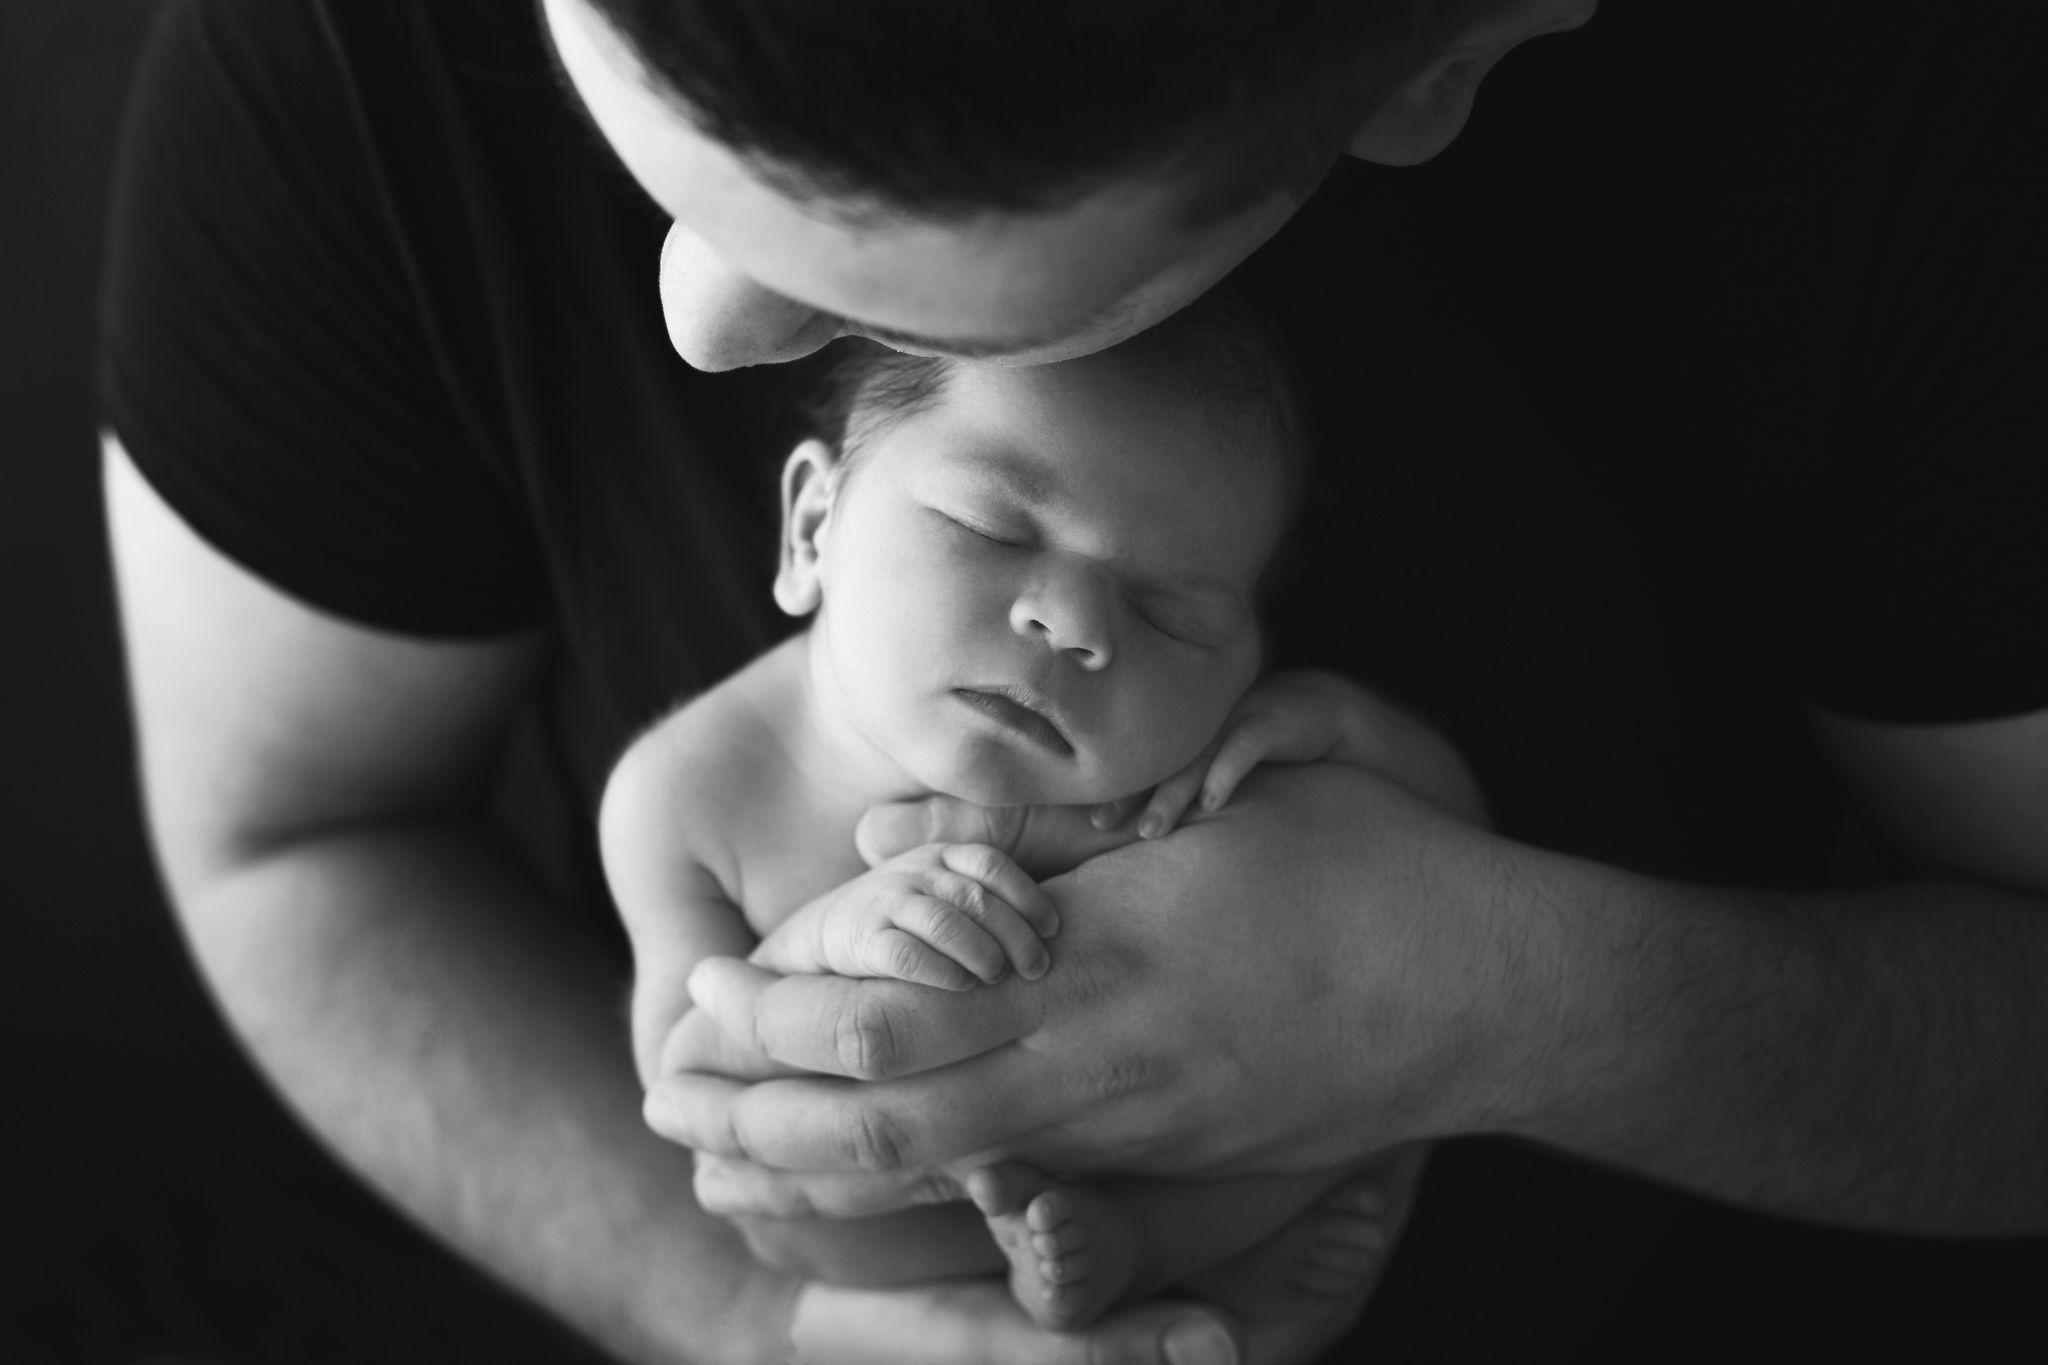 Papa und Tochter in kuschelnder schwarz weiß Pose beim Neugeborenen Shooting